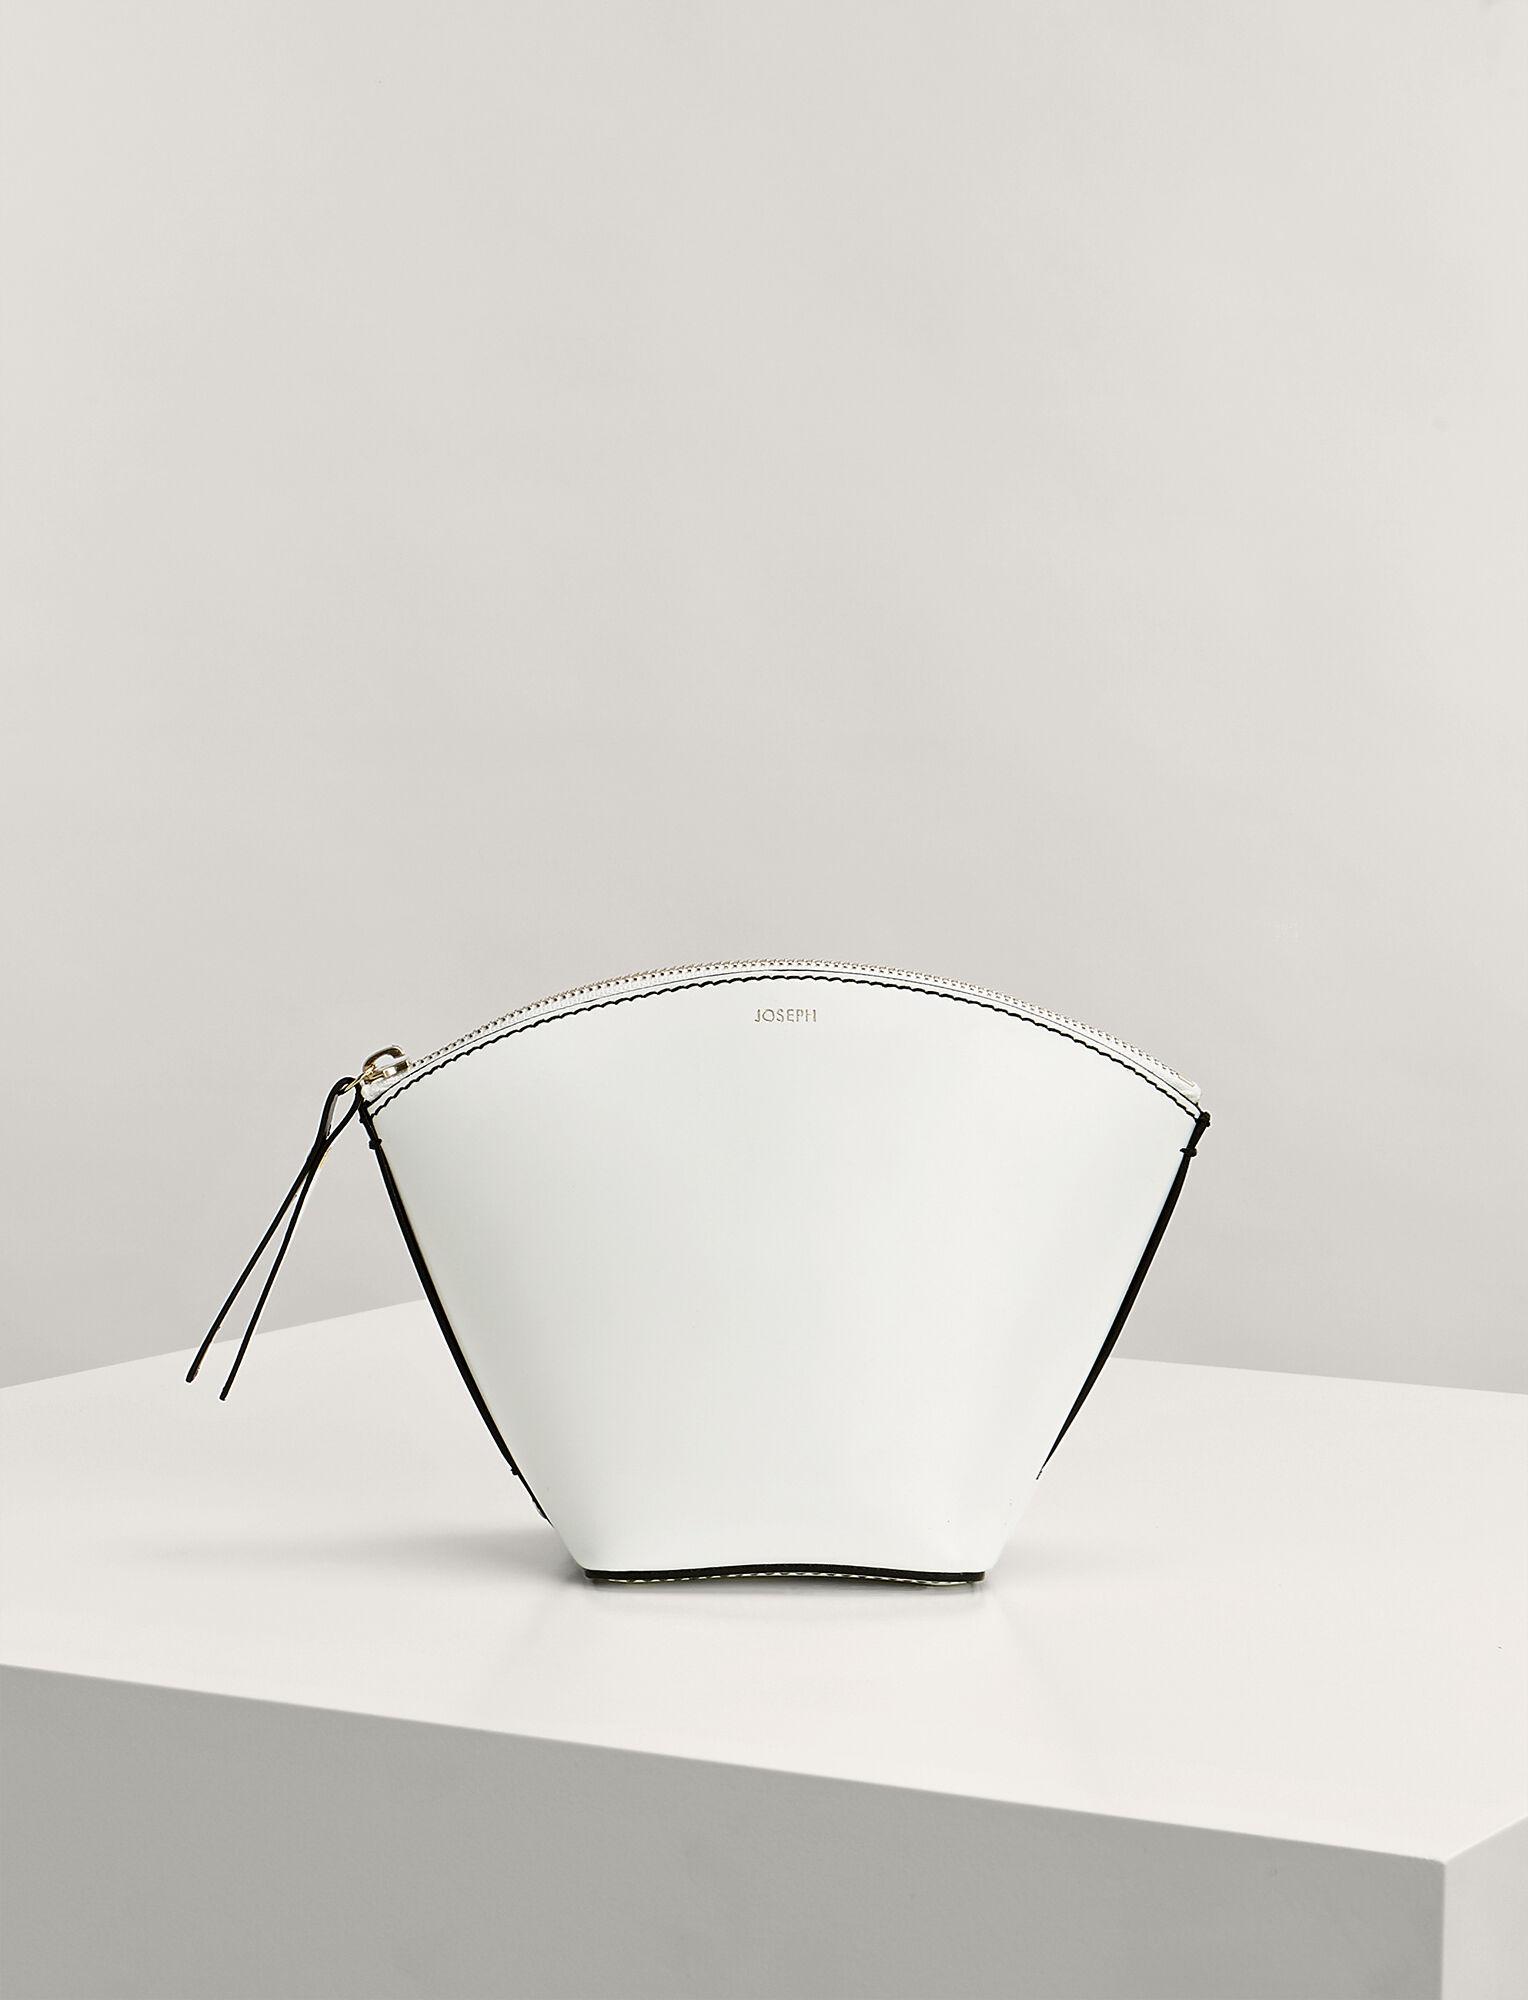 Cosmetic pouch bag - White Joseph b3K6m9